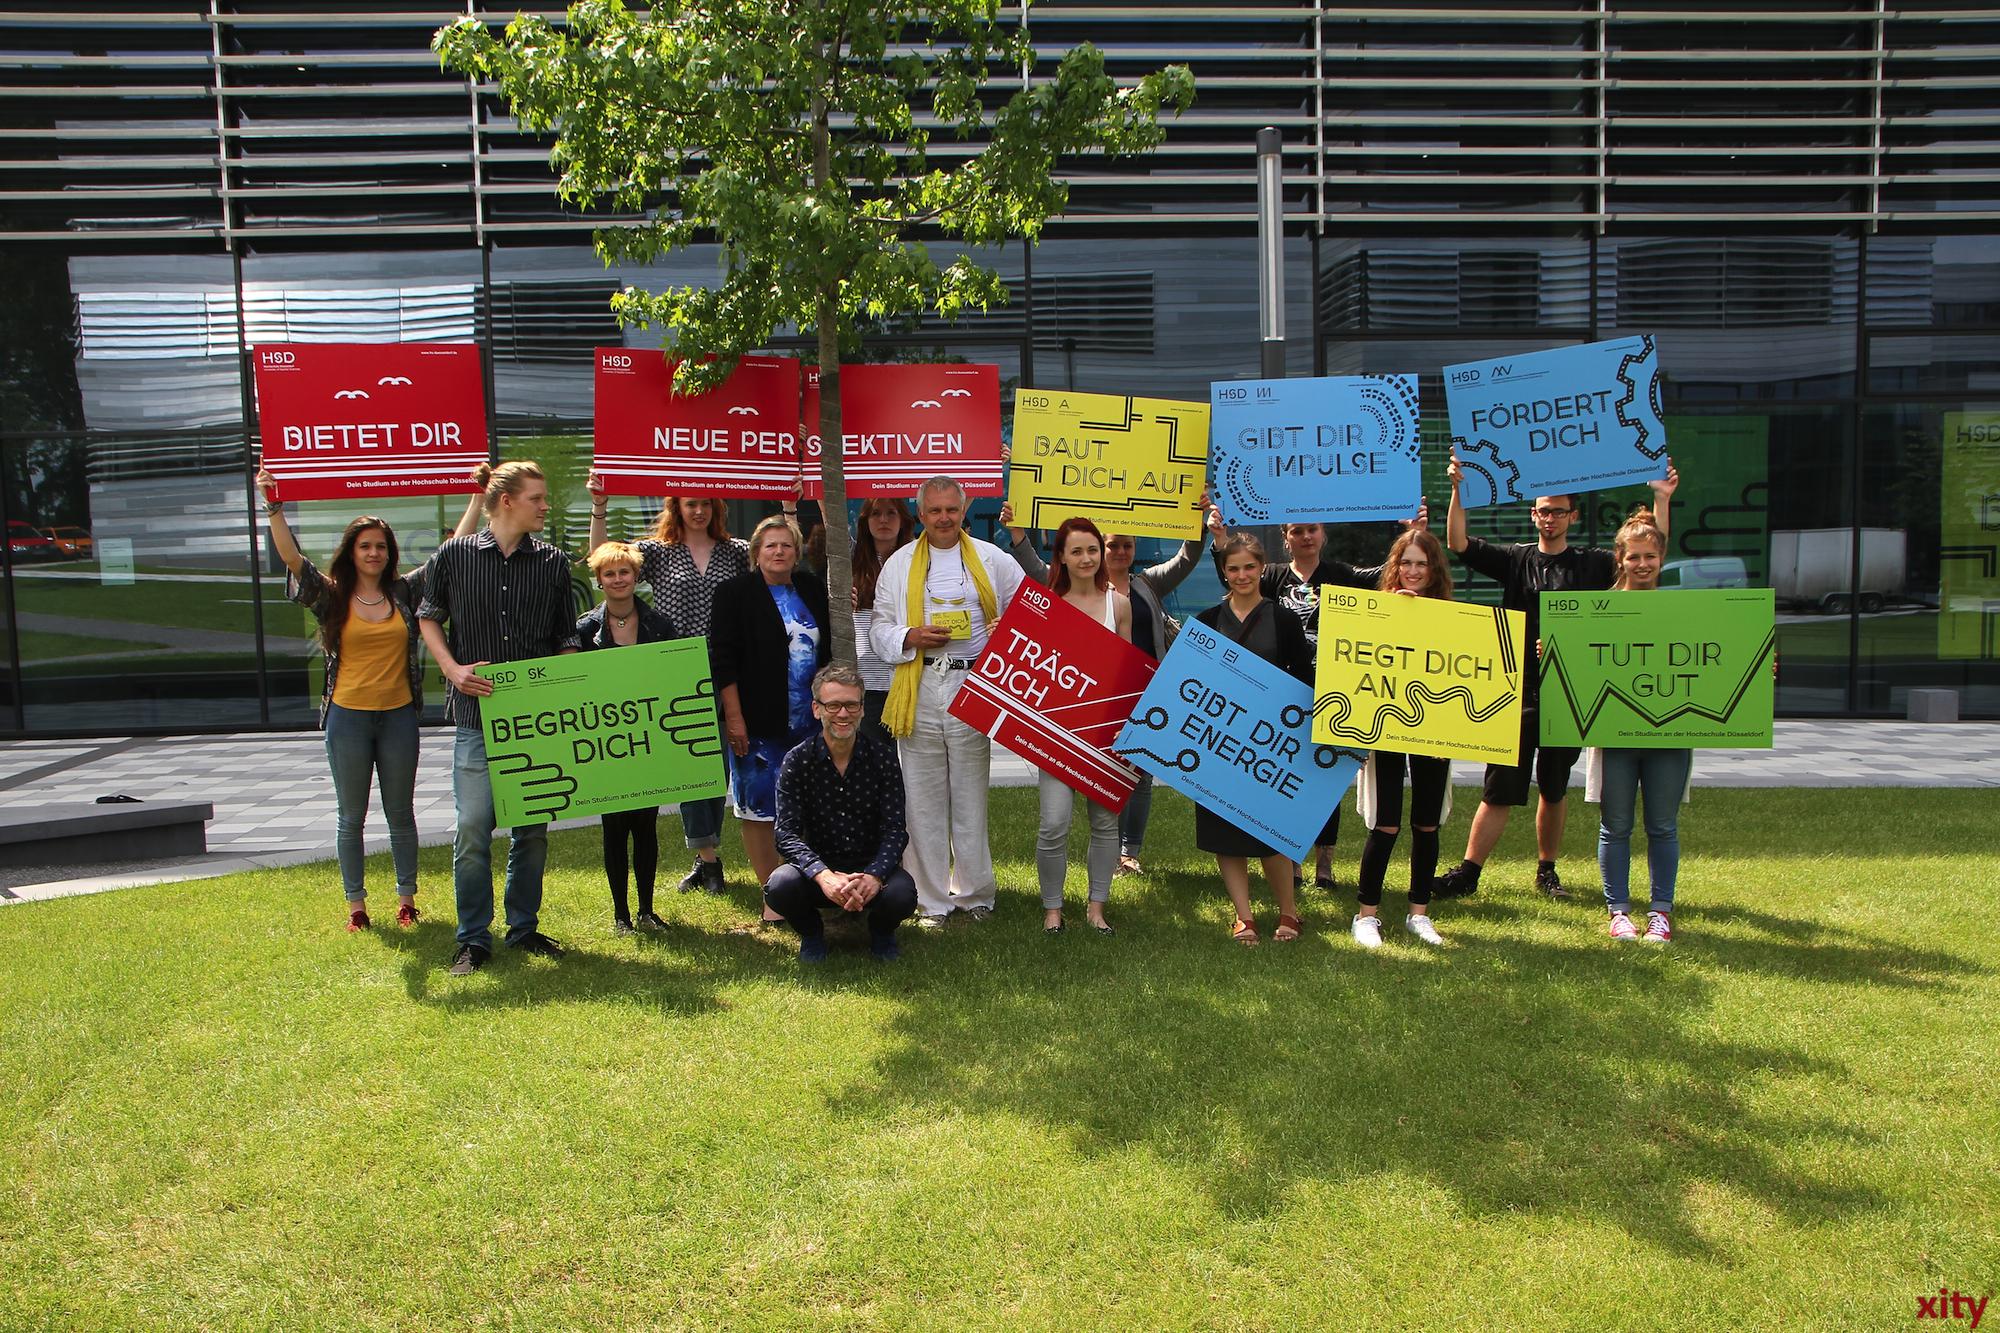 Die HSD hat am Donnerstag ihre neue Werbekampagne vorgestellt (Foto: xity)